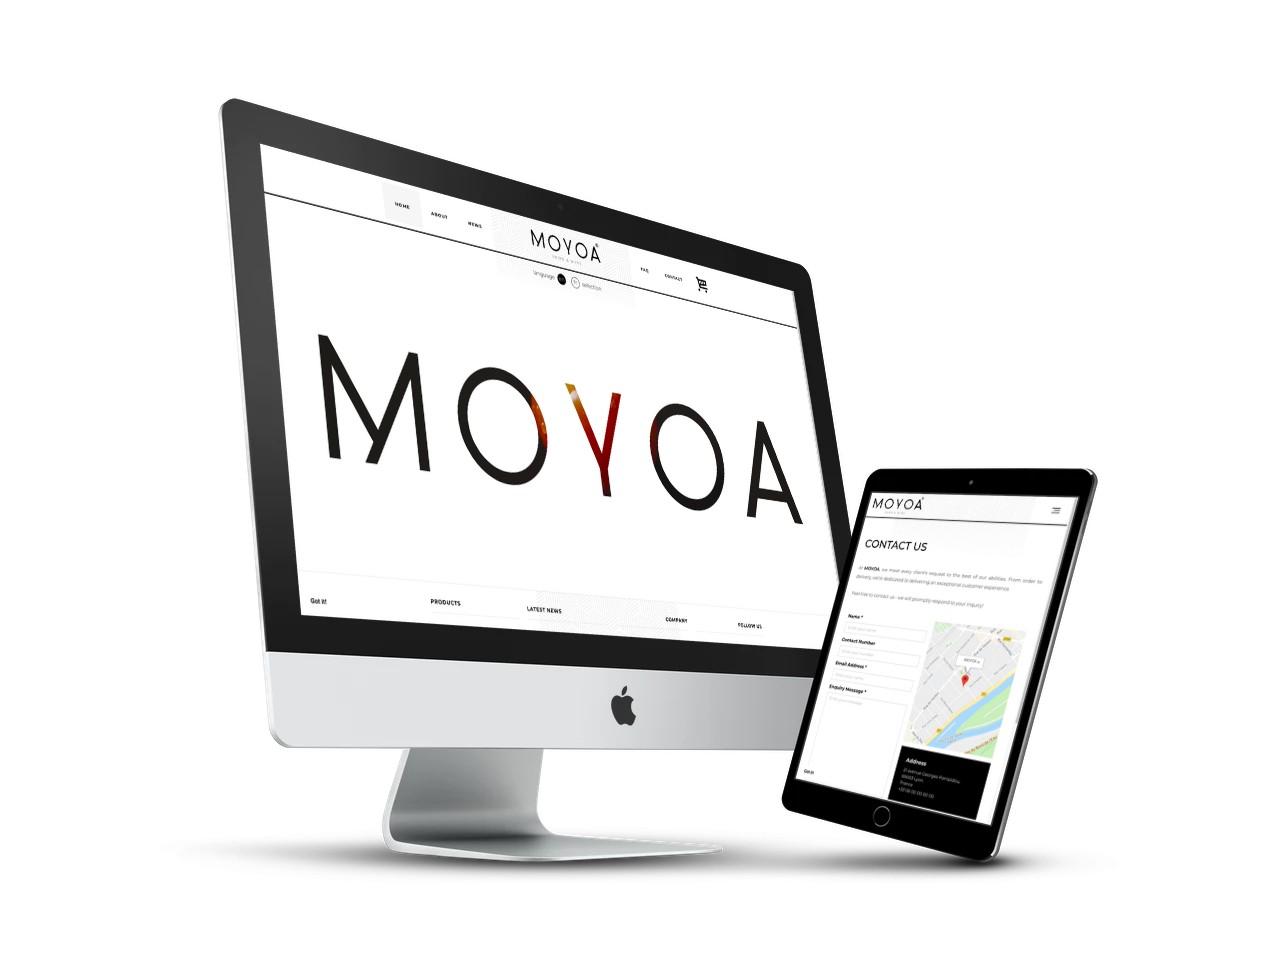 Moyoa